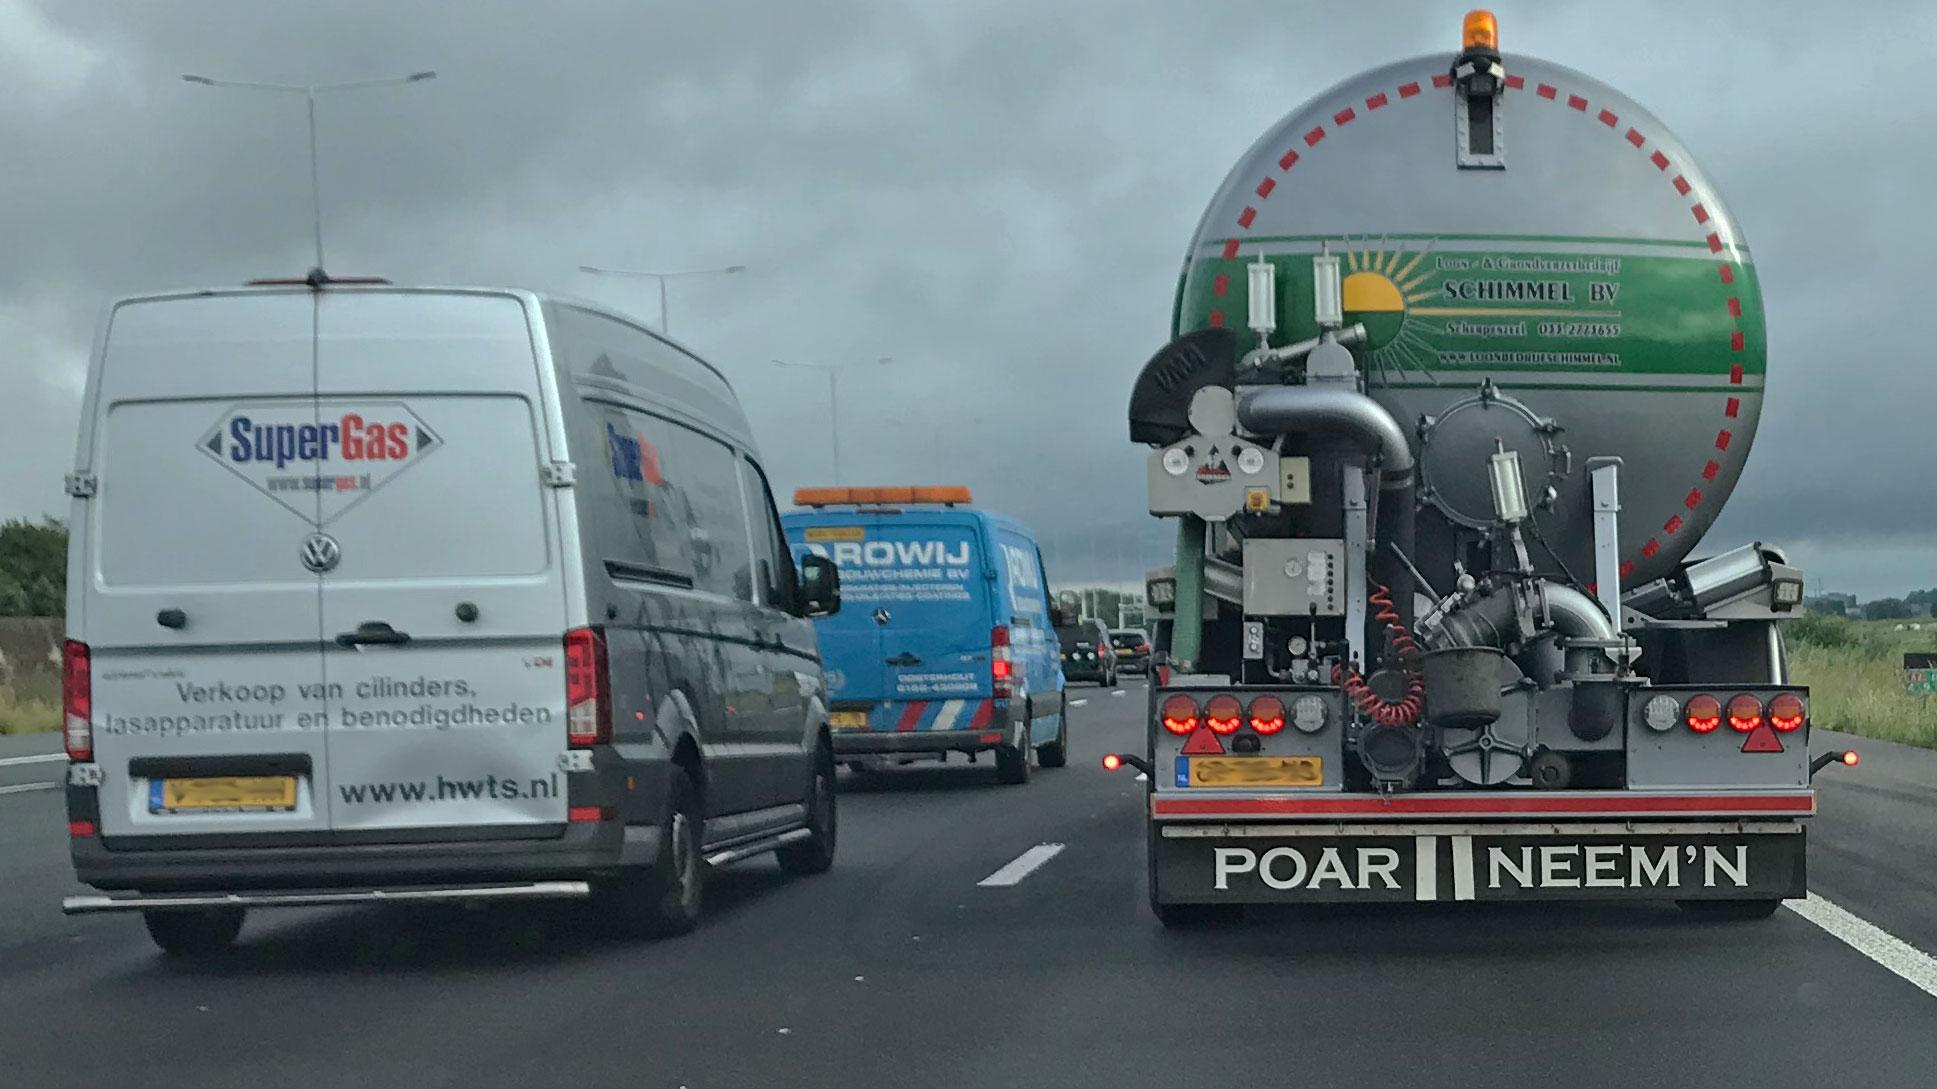 Poar Neemn snelweg file vrachtwagen VW Crafter